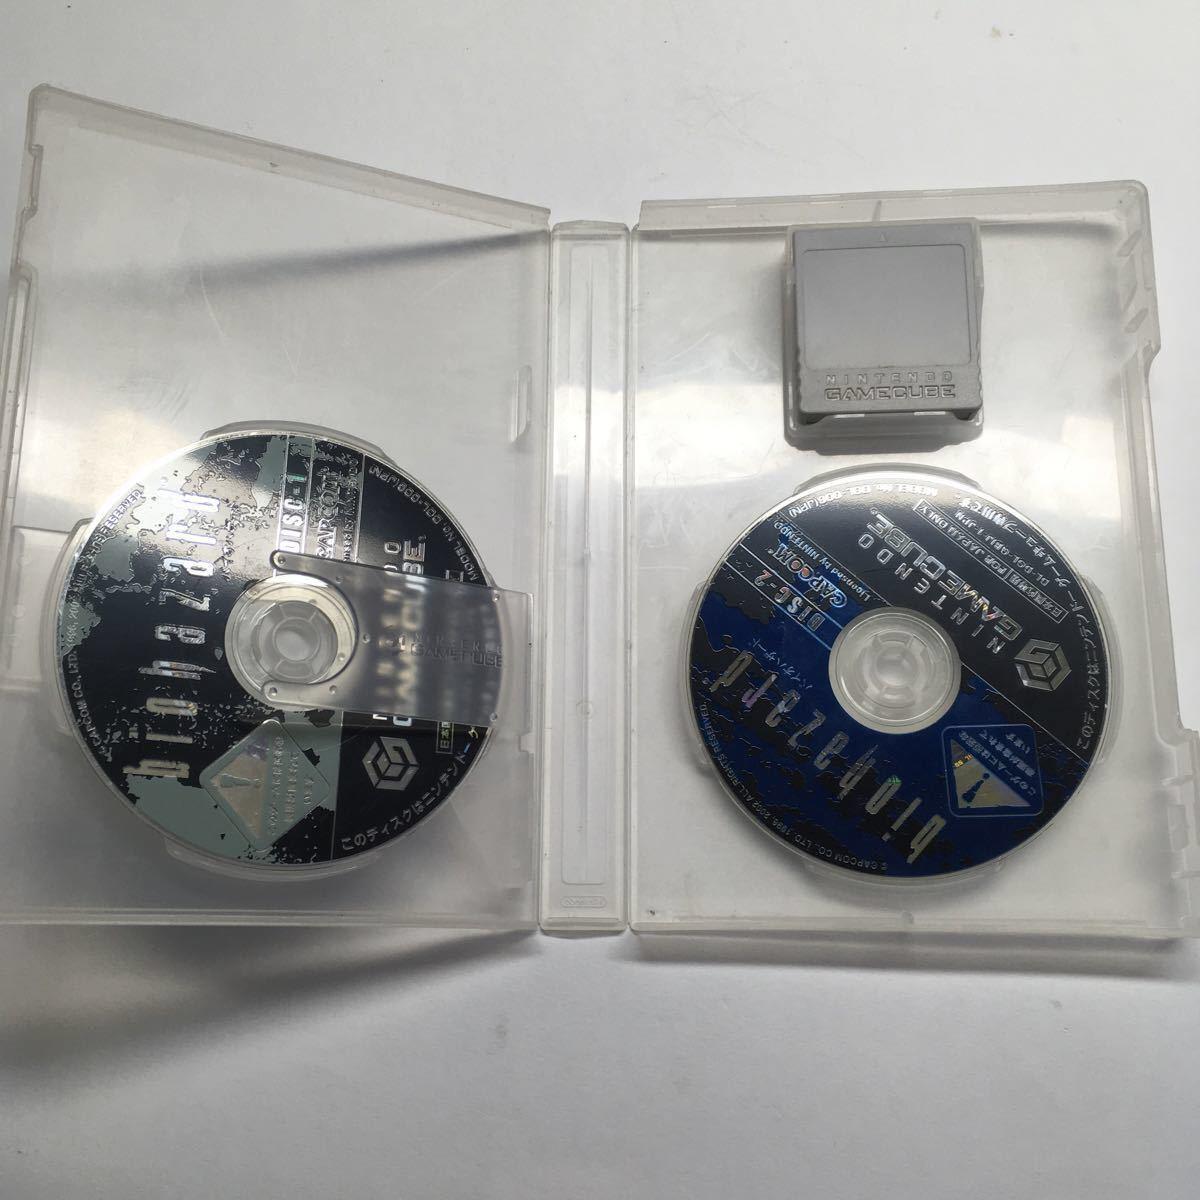 ゲームキューブ ソフト バイオハザード メモリーカード付き バイオ カセット 任天堂 動作確認済み ゲーム ディスク ゾンビ